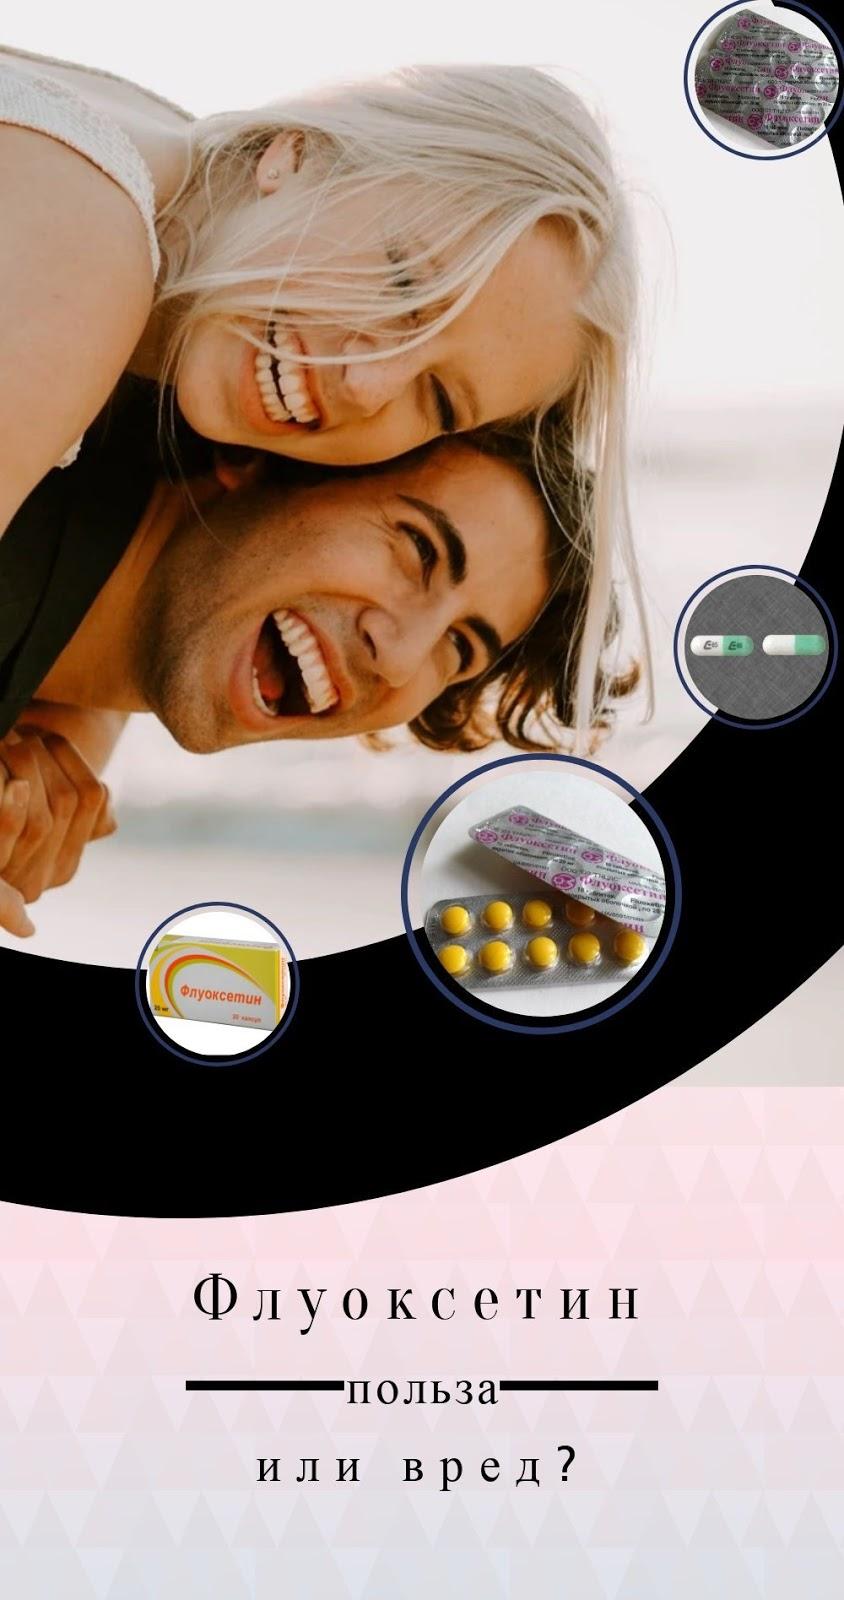 флуоксетин препарат для лечения депрессии